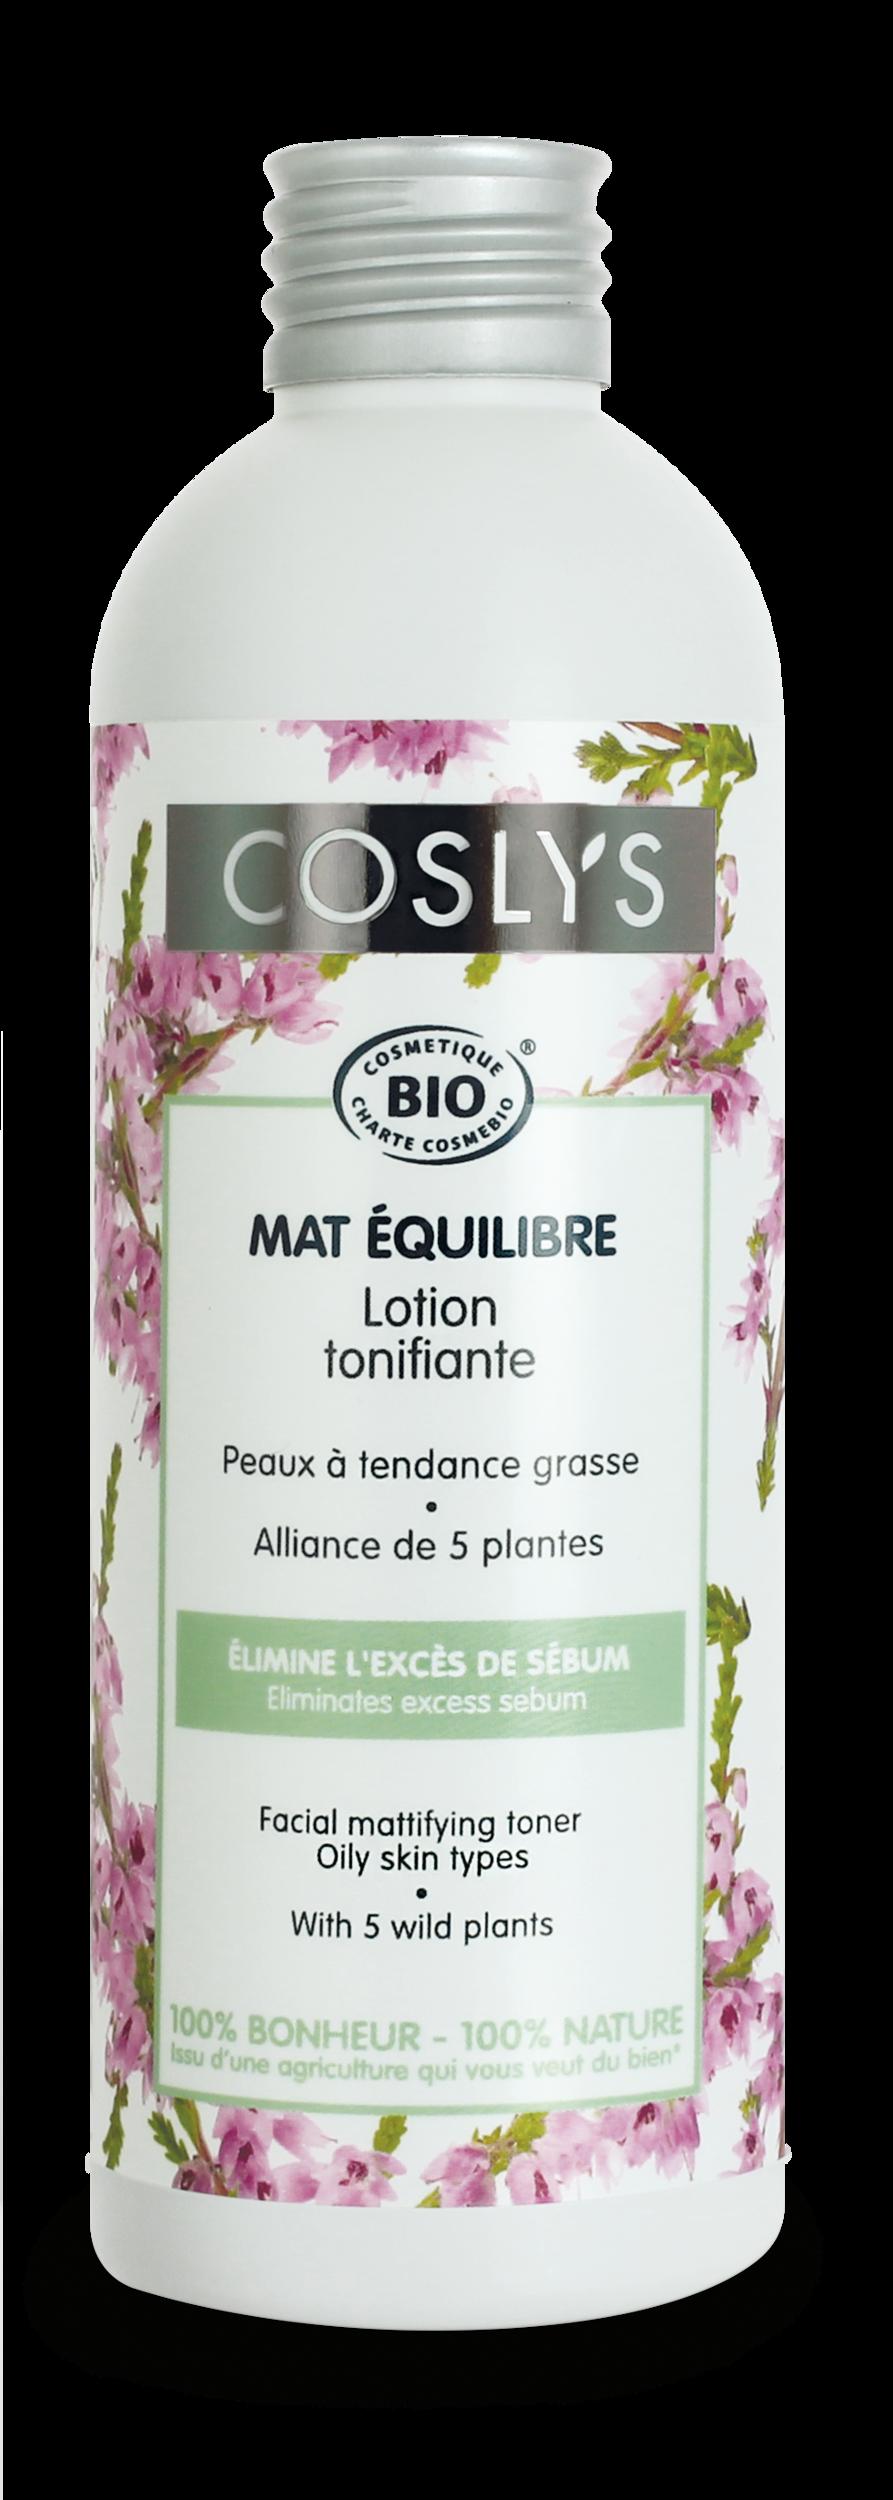 Coslys-Mat équilibre-Lotion équilibrante 200ml